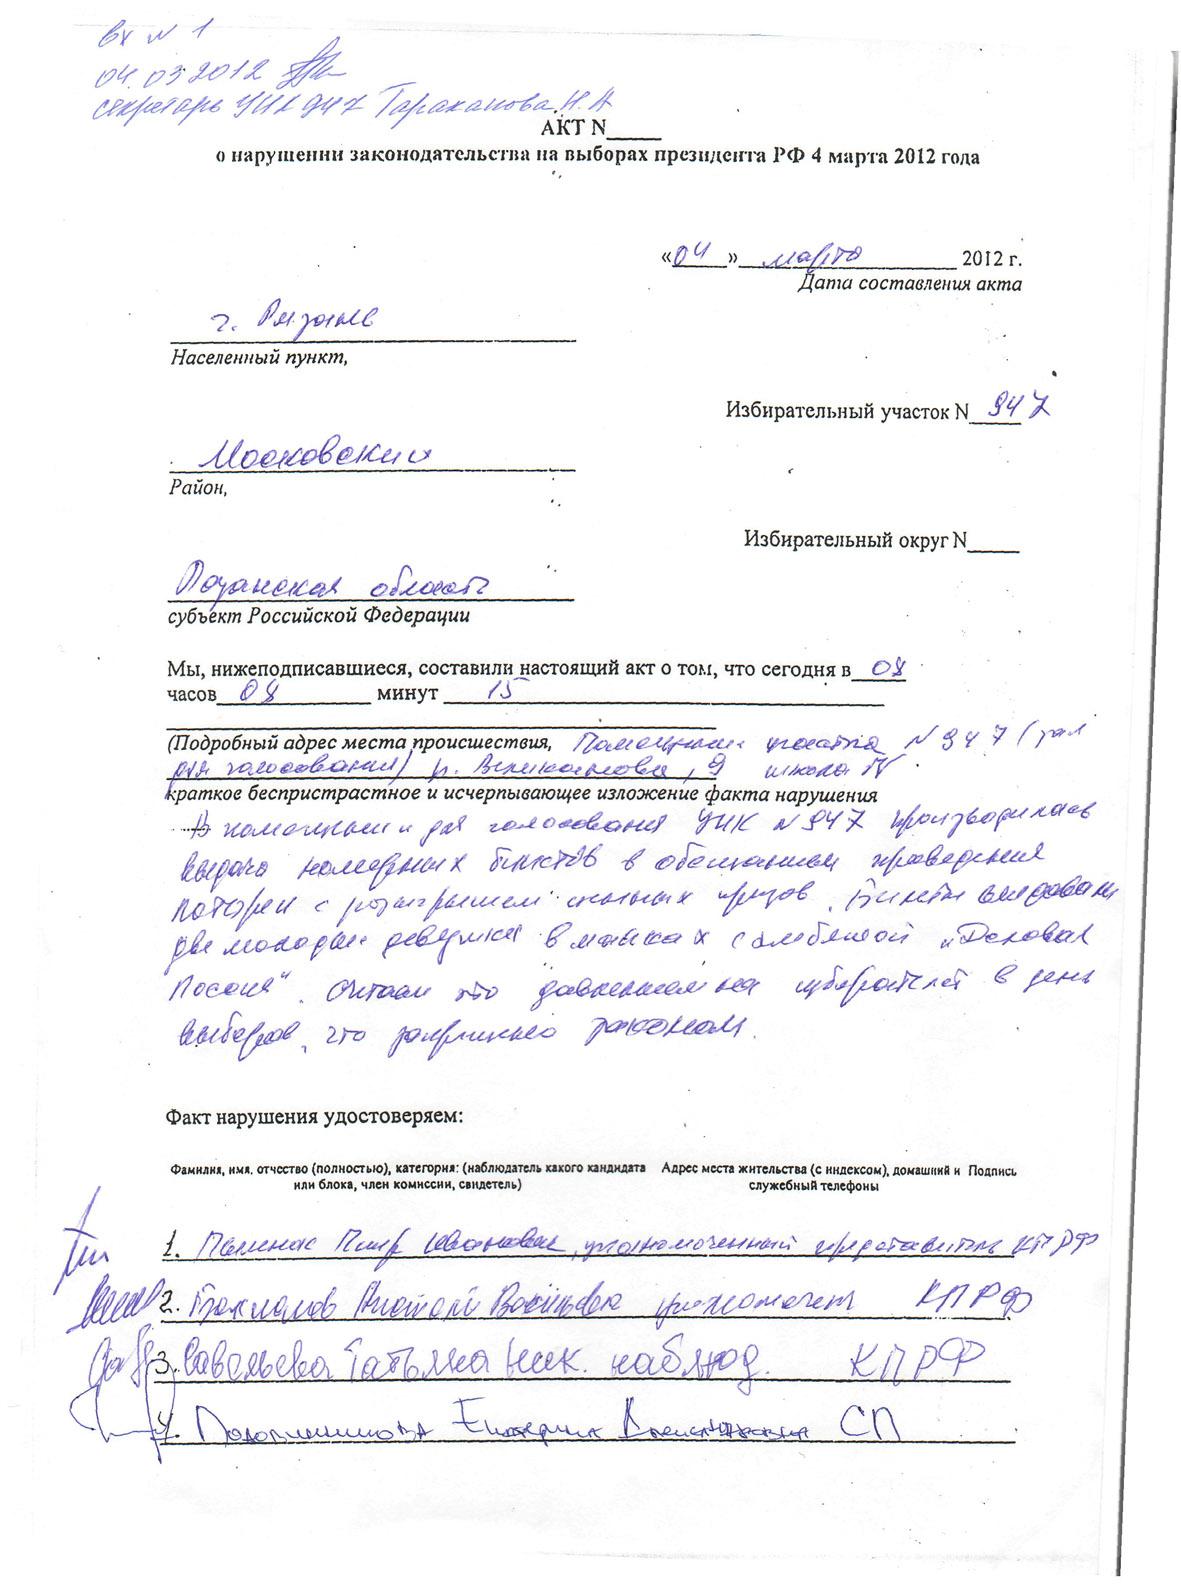 Жалобы на нарушение избирательного законодательства от КПРФ (часть 1)